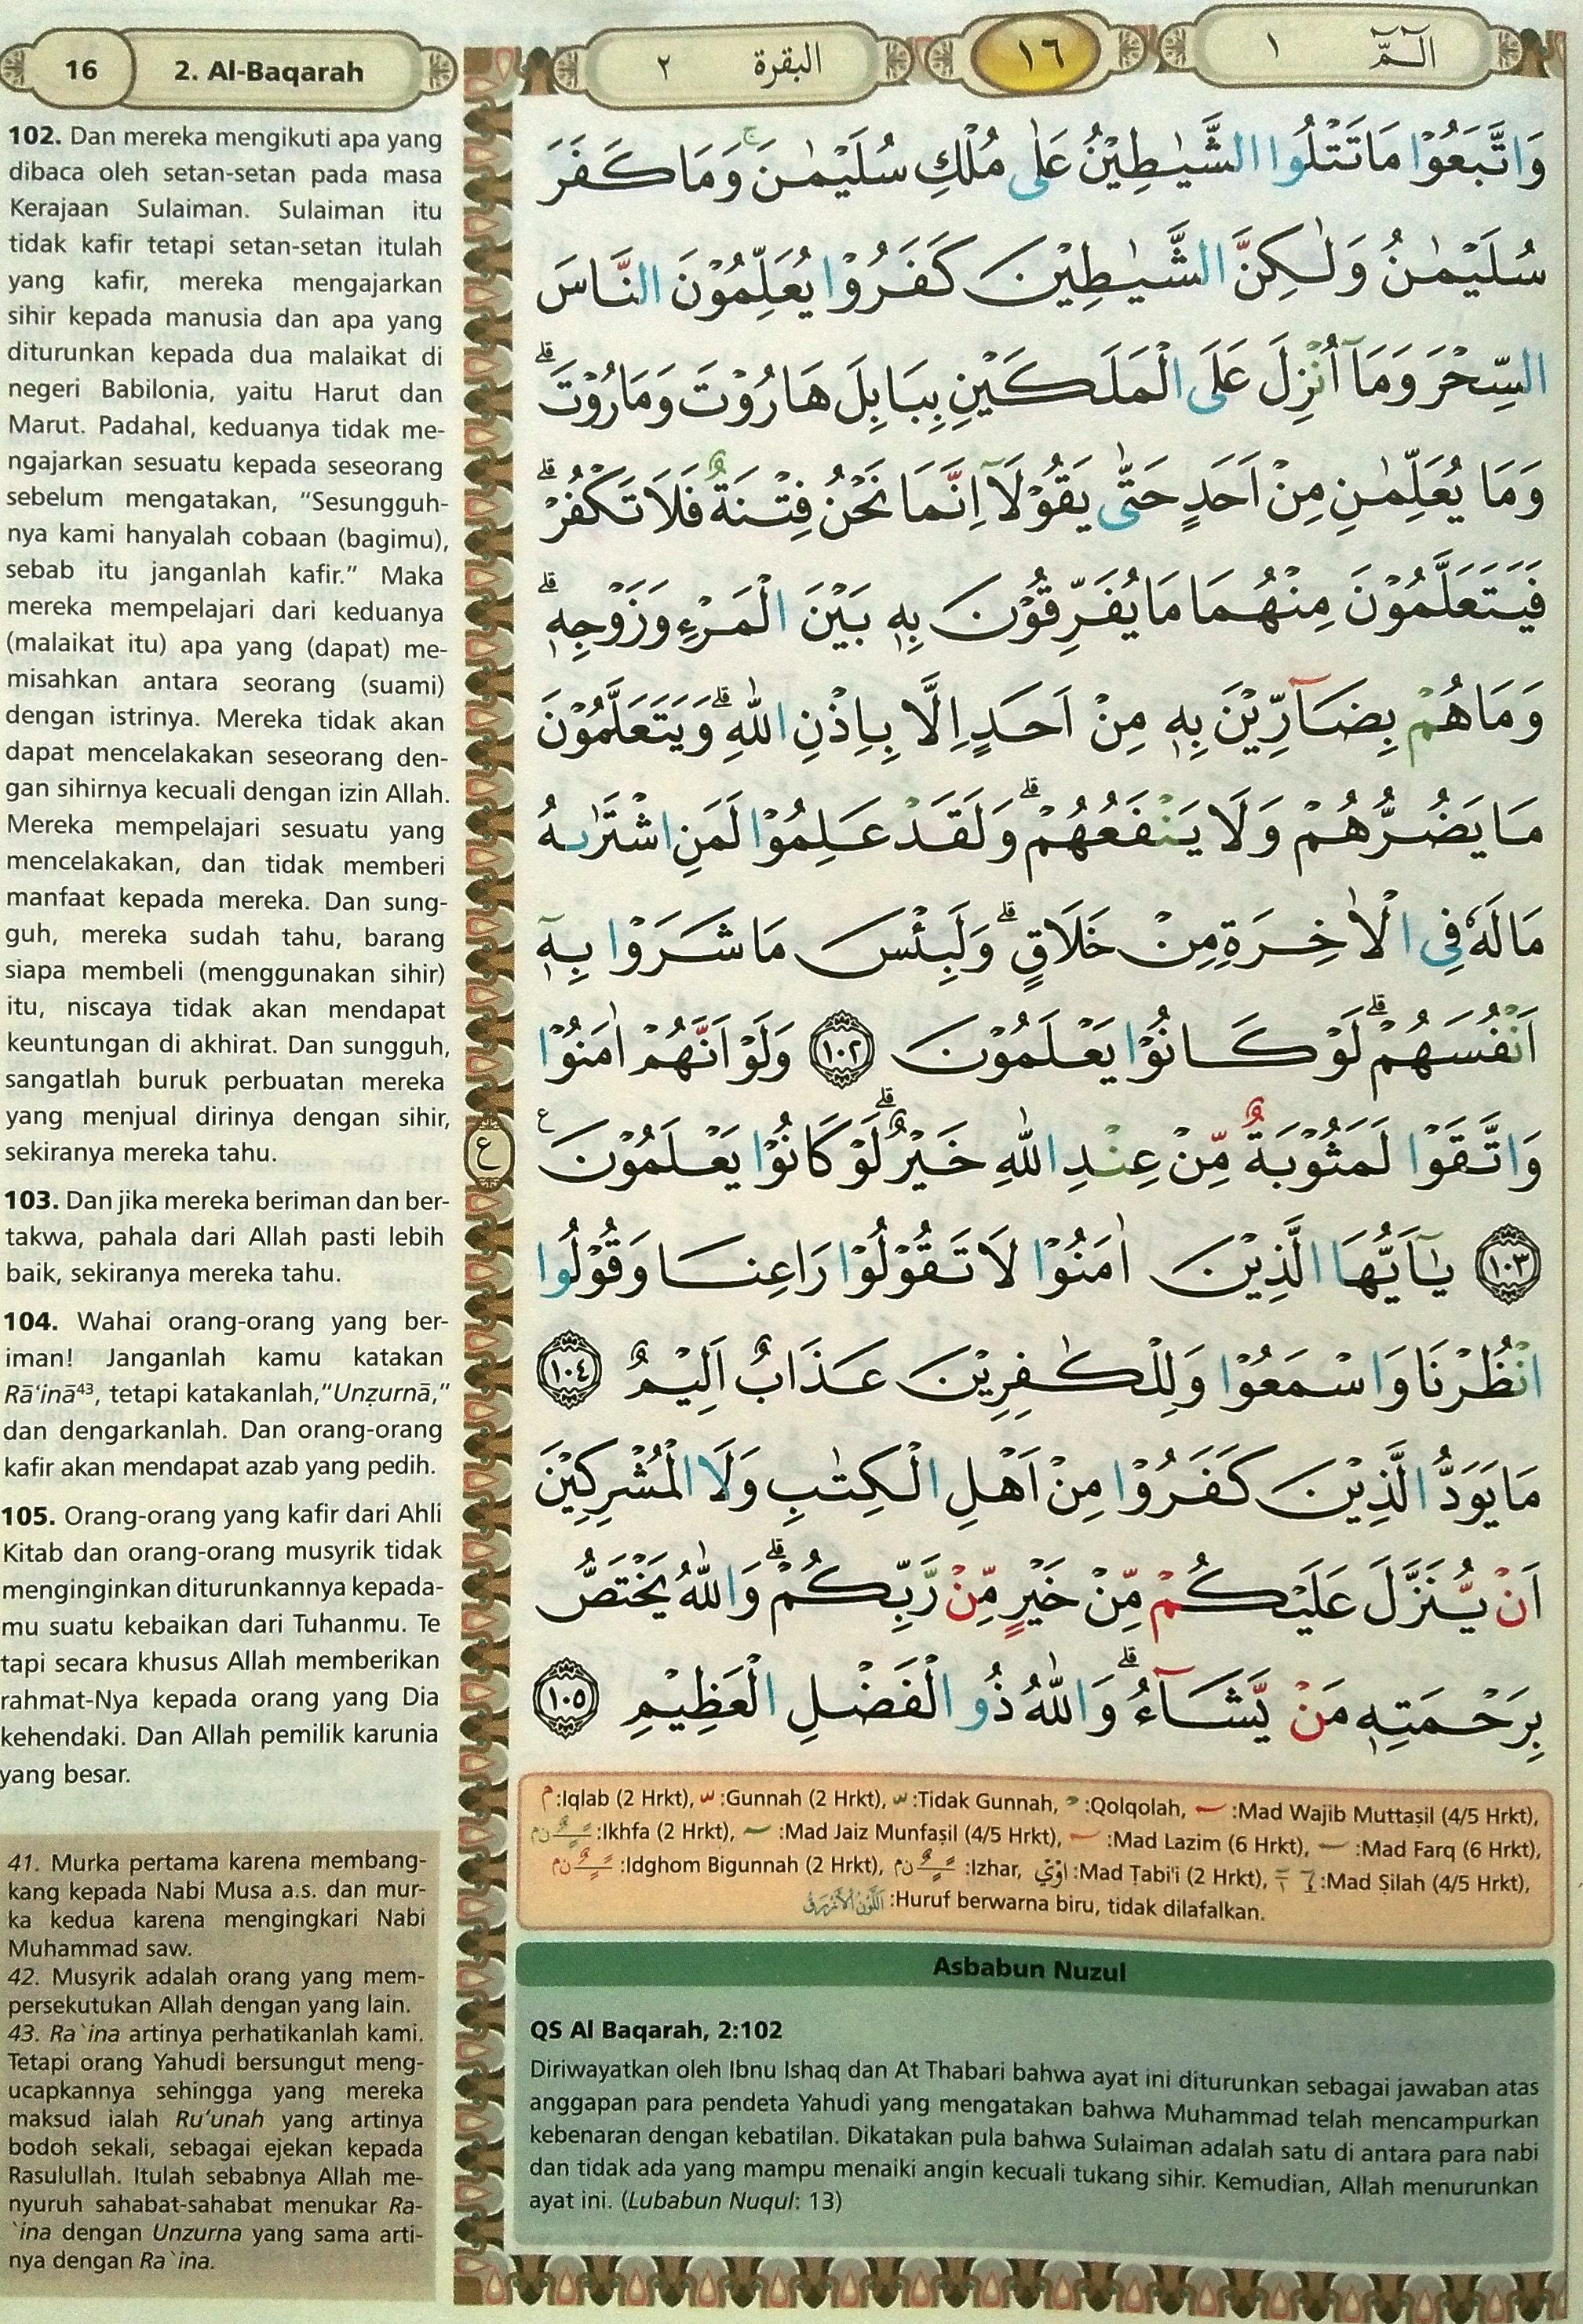 Al Baqarah 102-105